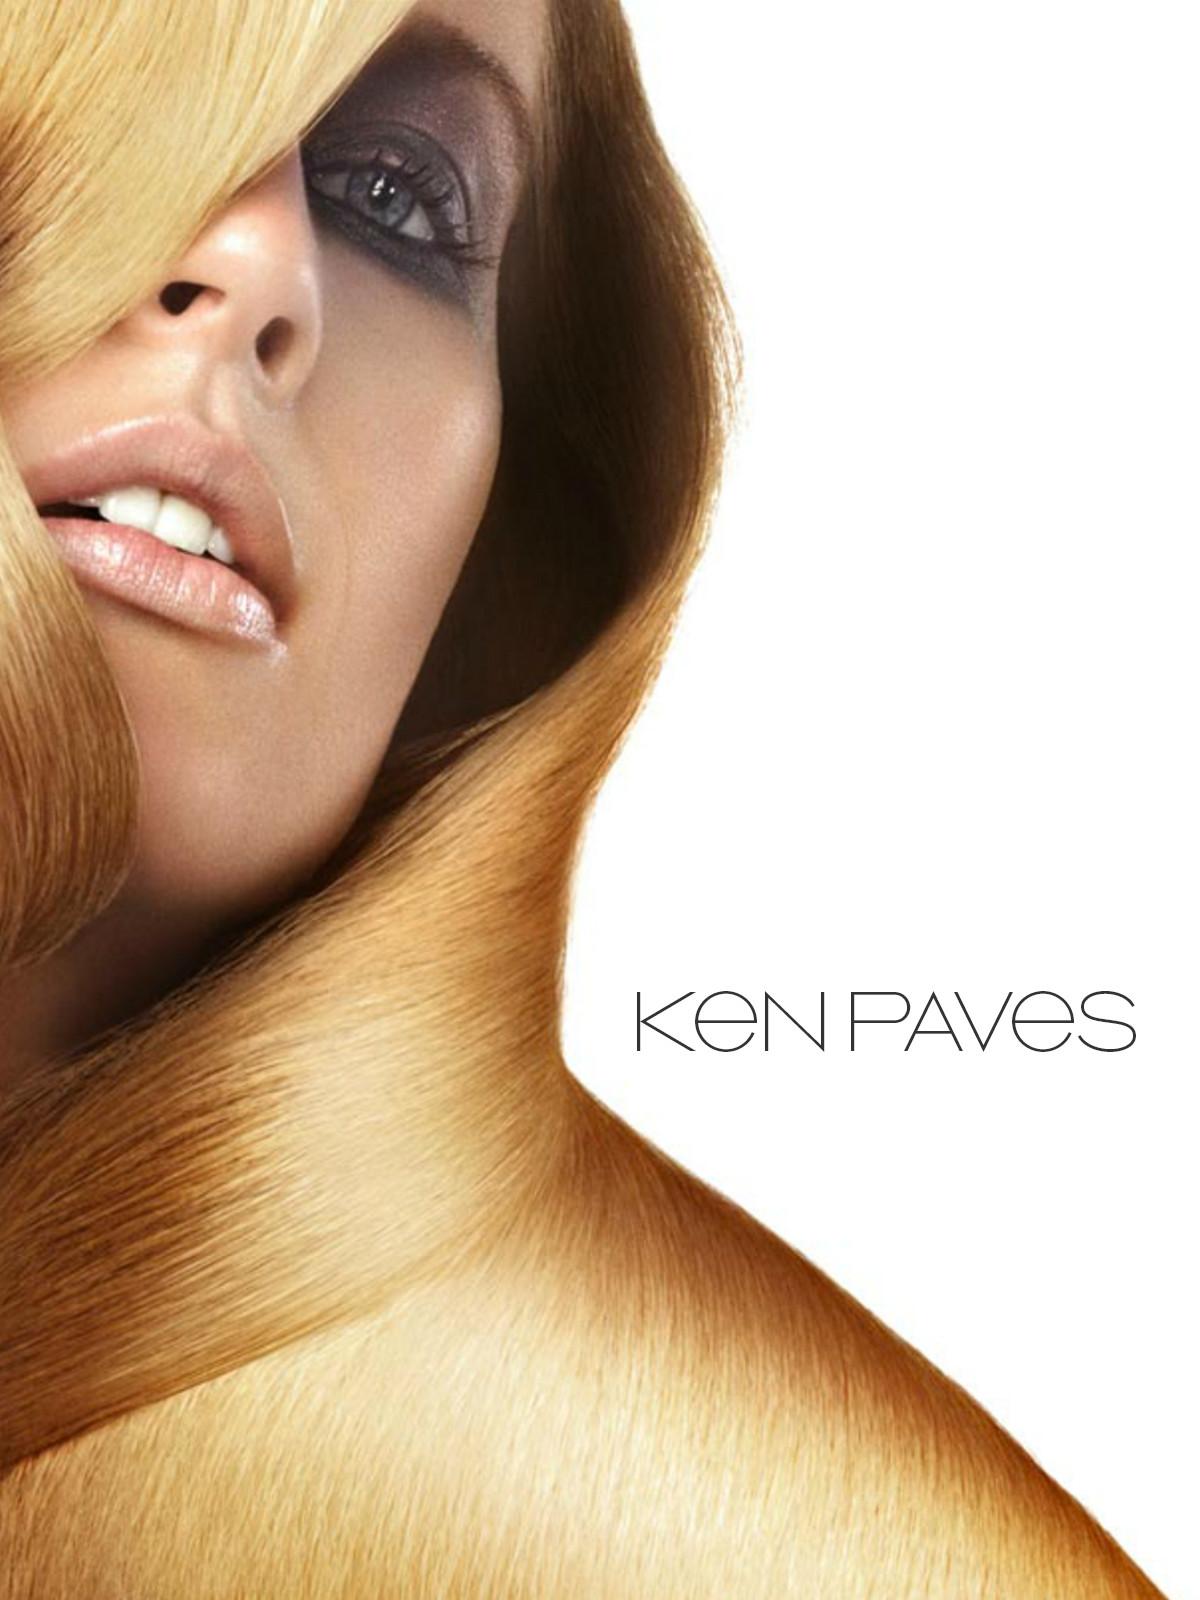 Ken Paves